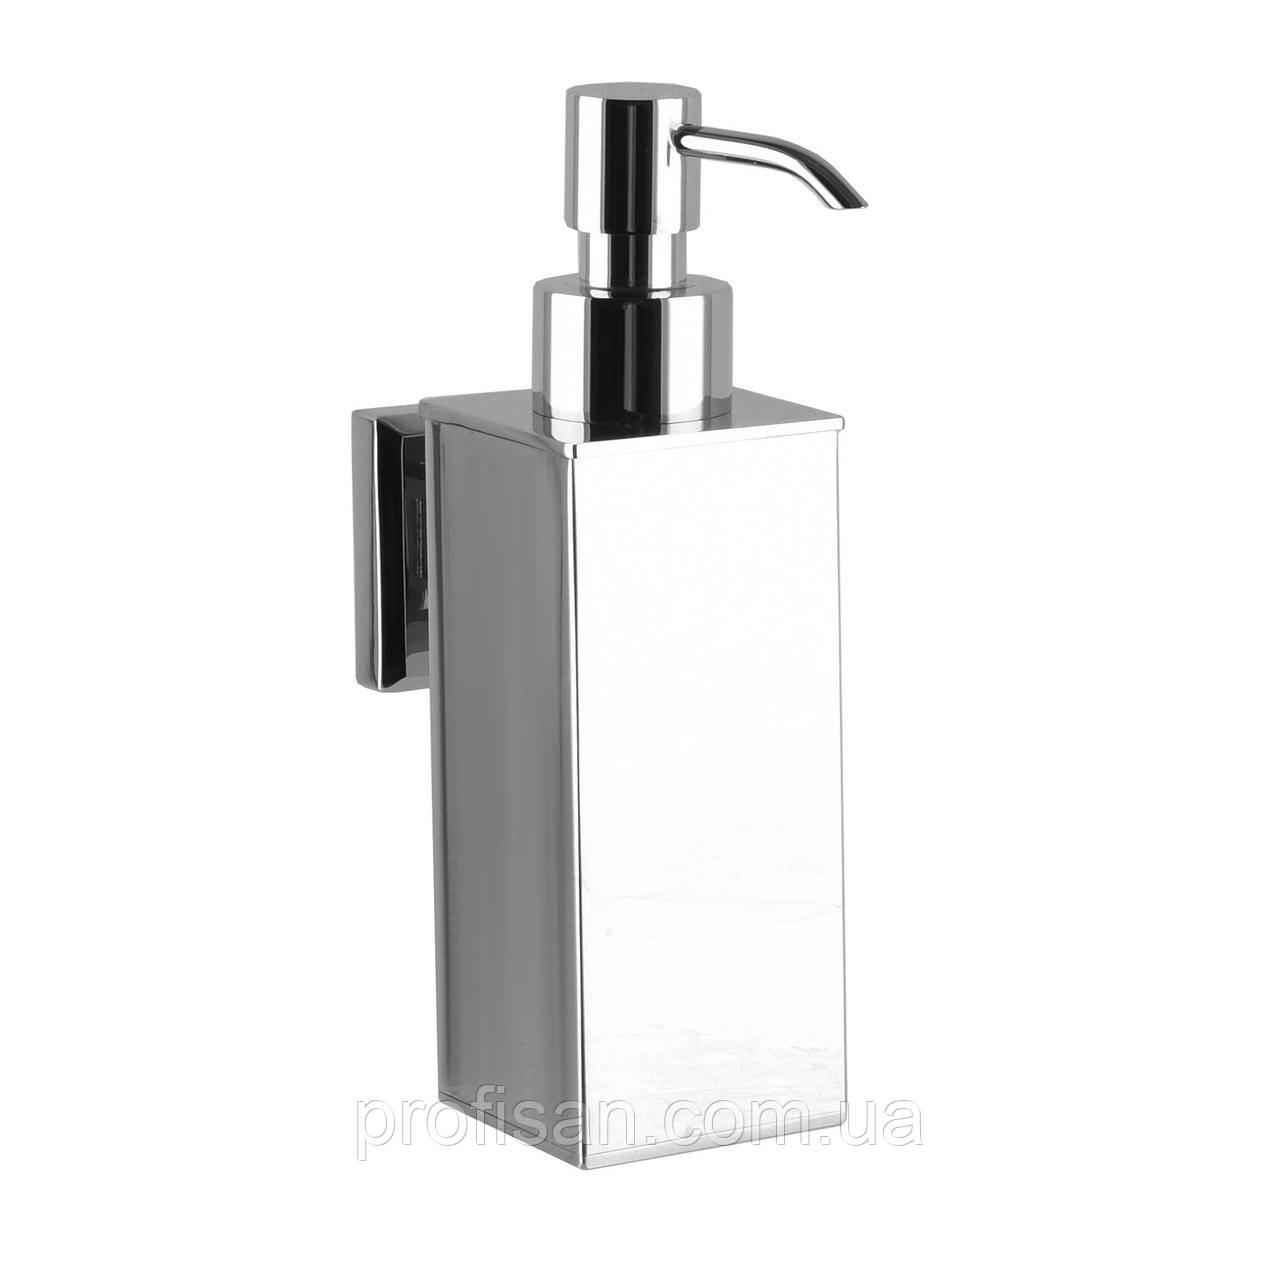 Дозатор жидкого мыла ЛАТУНЬ  KB 9932